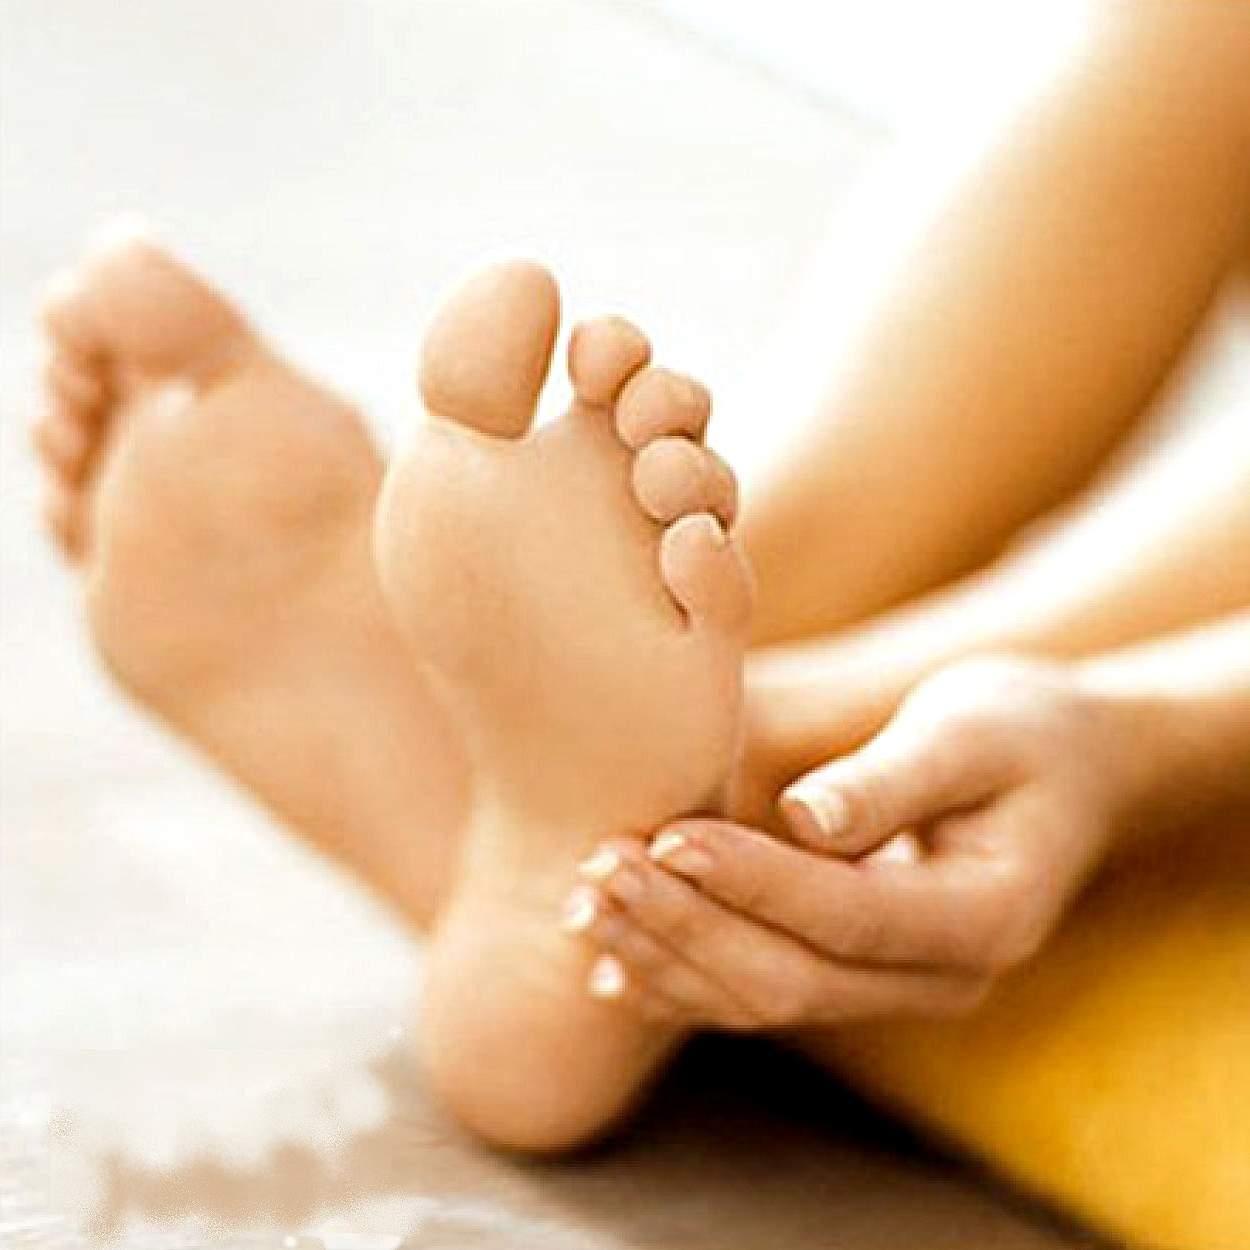 Плоскостопие поперечное и продольное у детей и взрослых: 1, 2 и 3 степень, симптомы, лечение